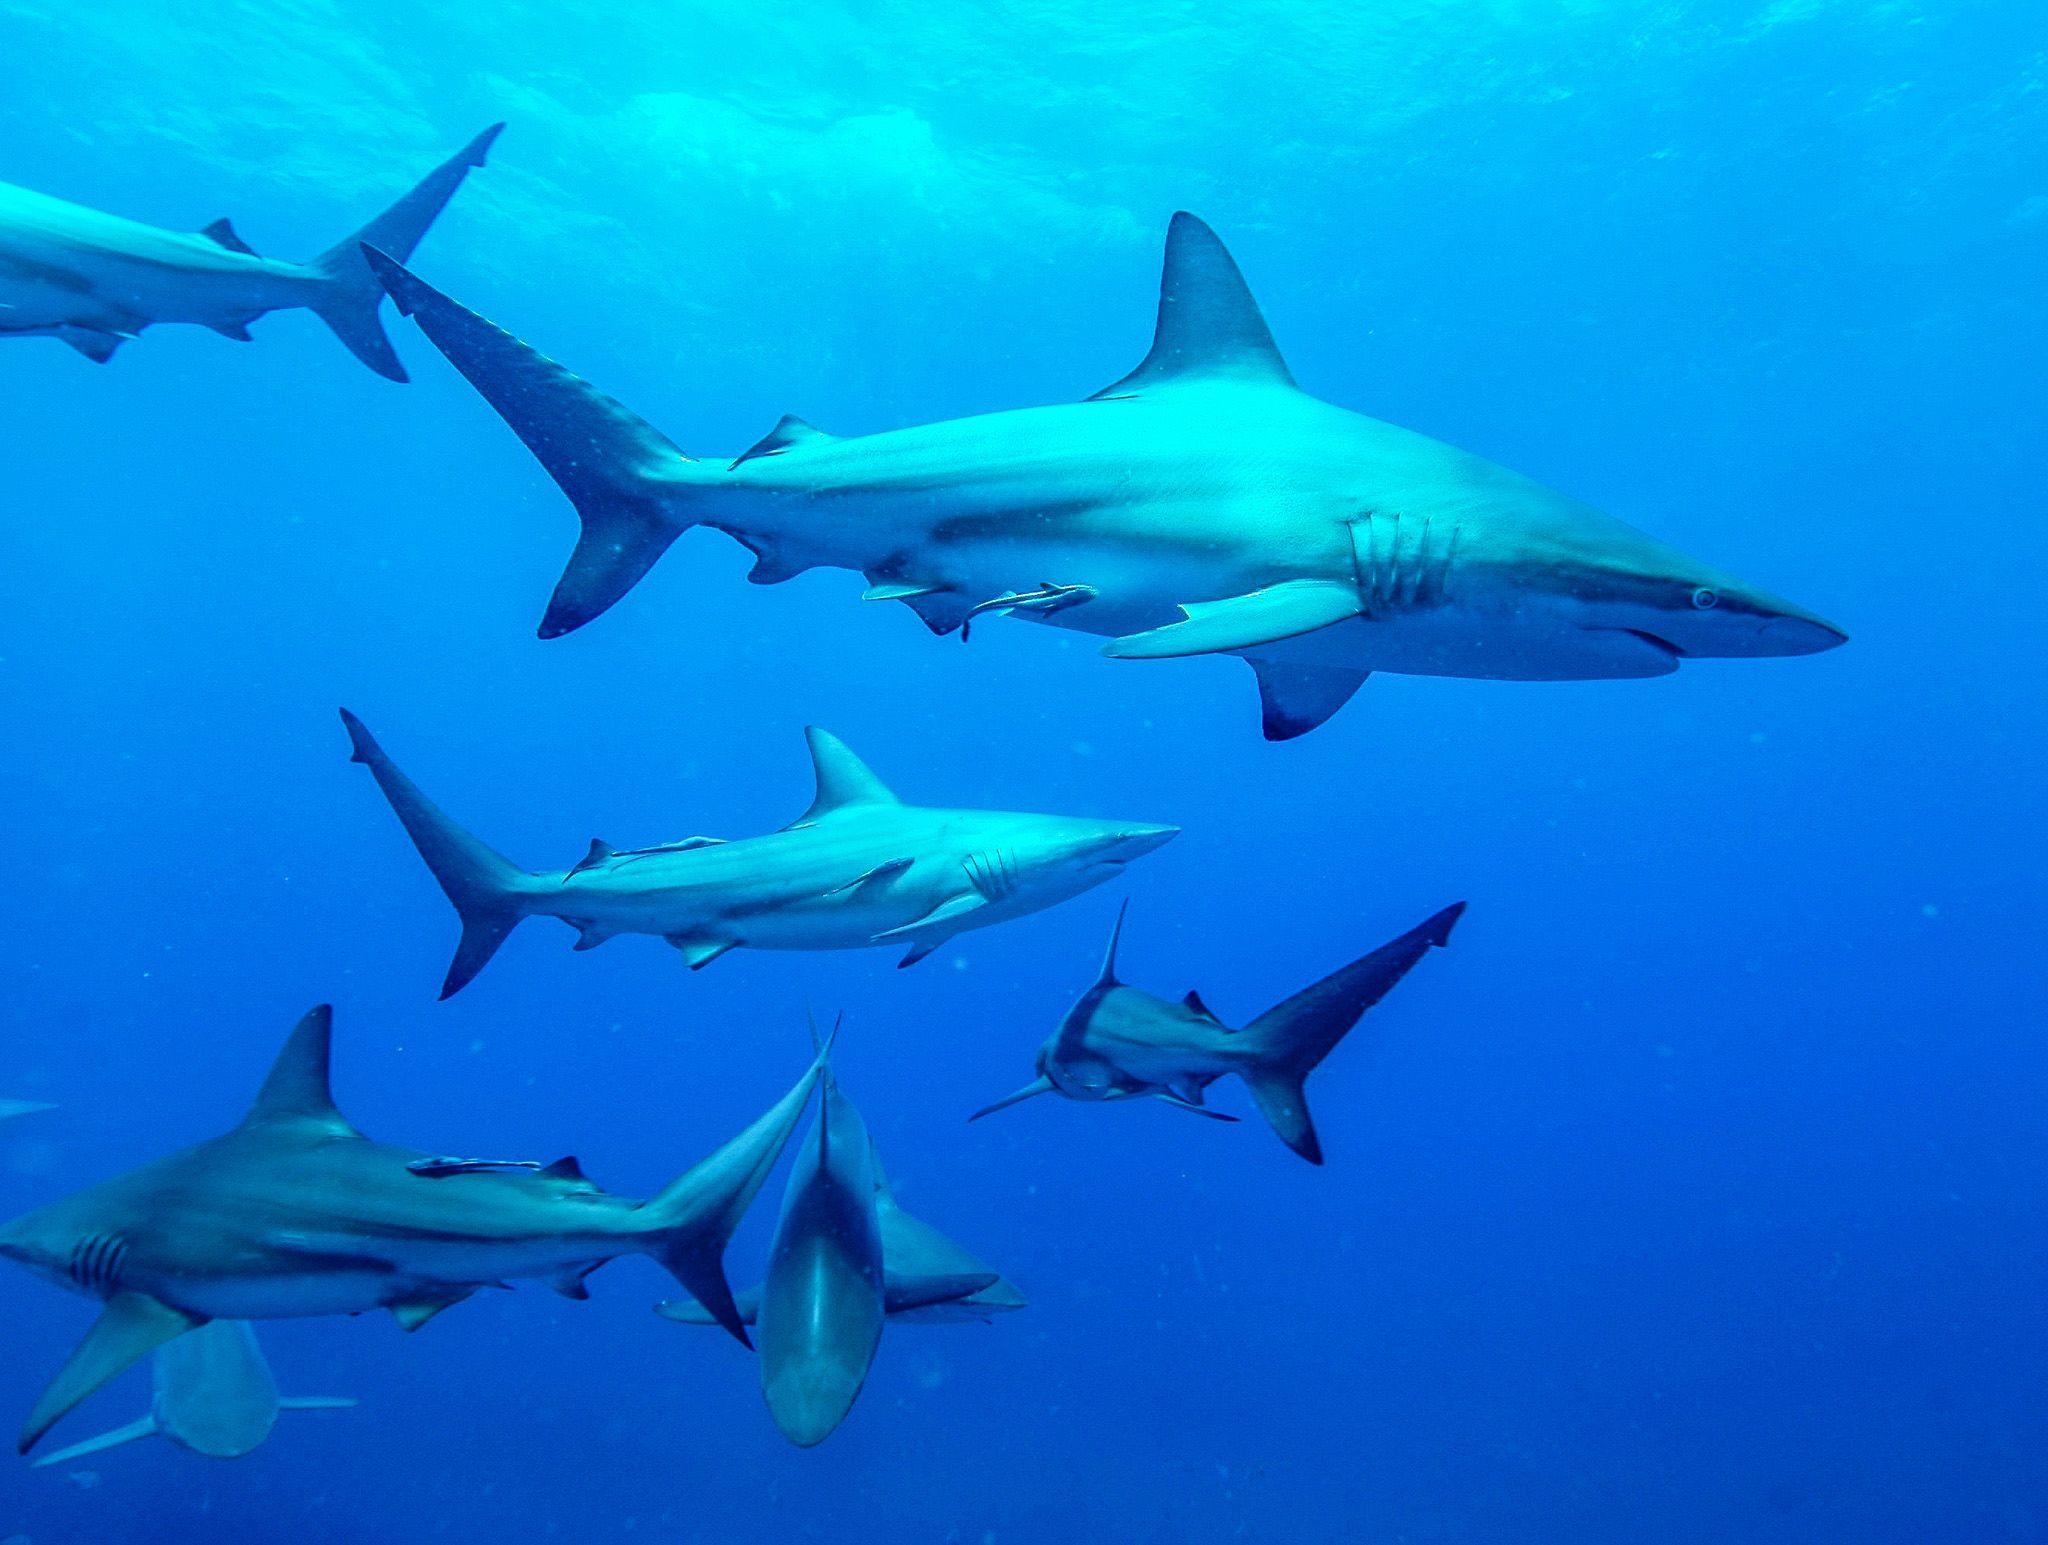 أسماك القرش ذات الزعانف السوداء أثناء اصطياد... [Photo of the day - فبراير 2020]